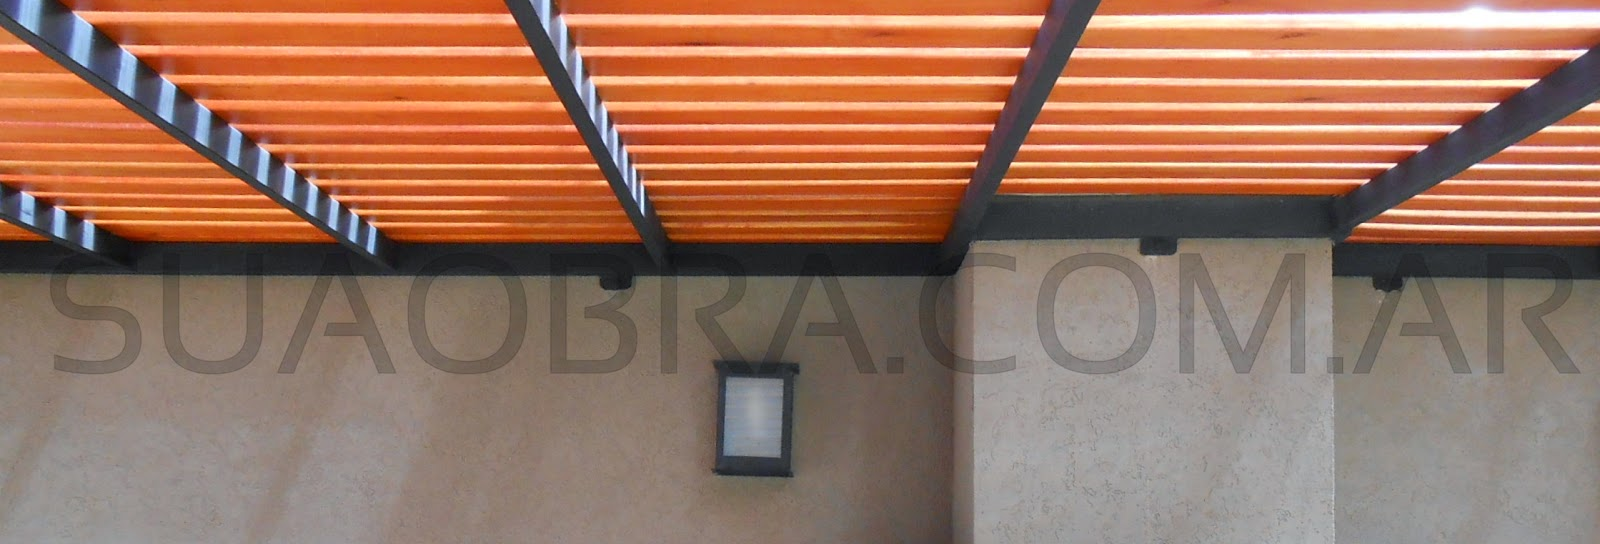 Tarquini aplicacion revestimientos plasticos exteriores for Revestimiento plastico para paredes